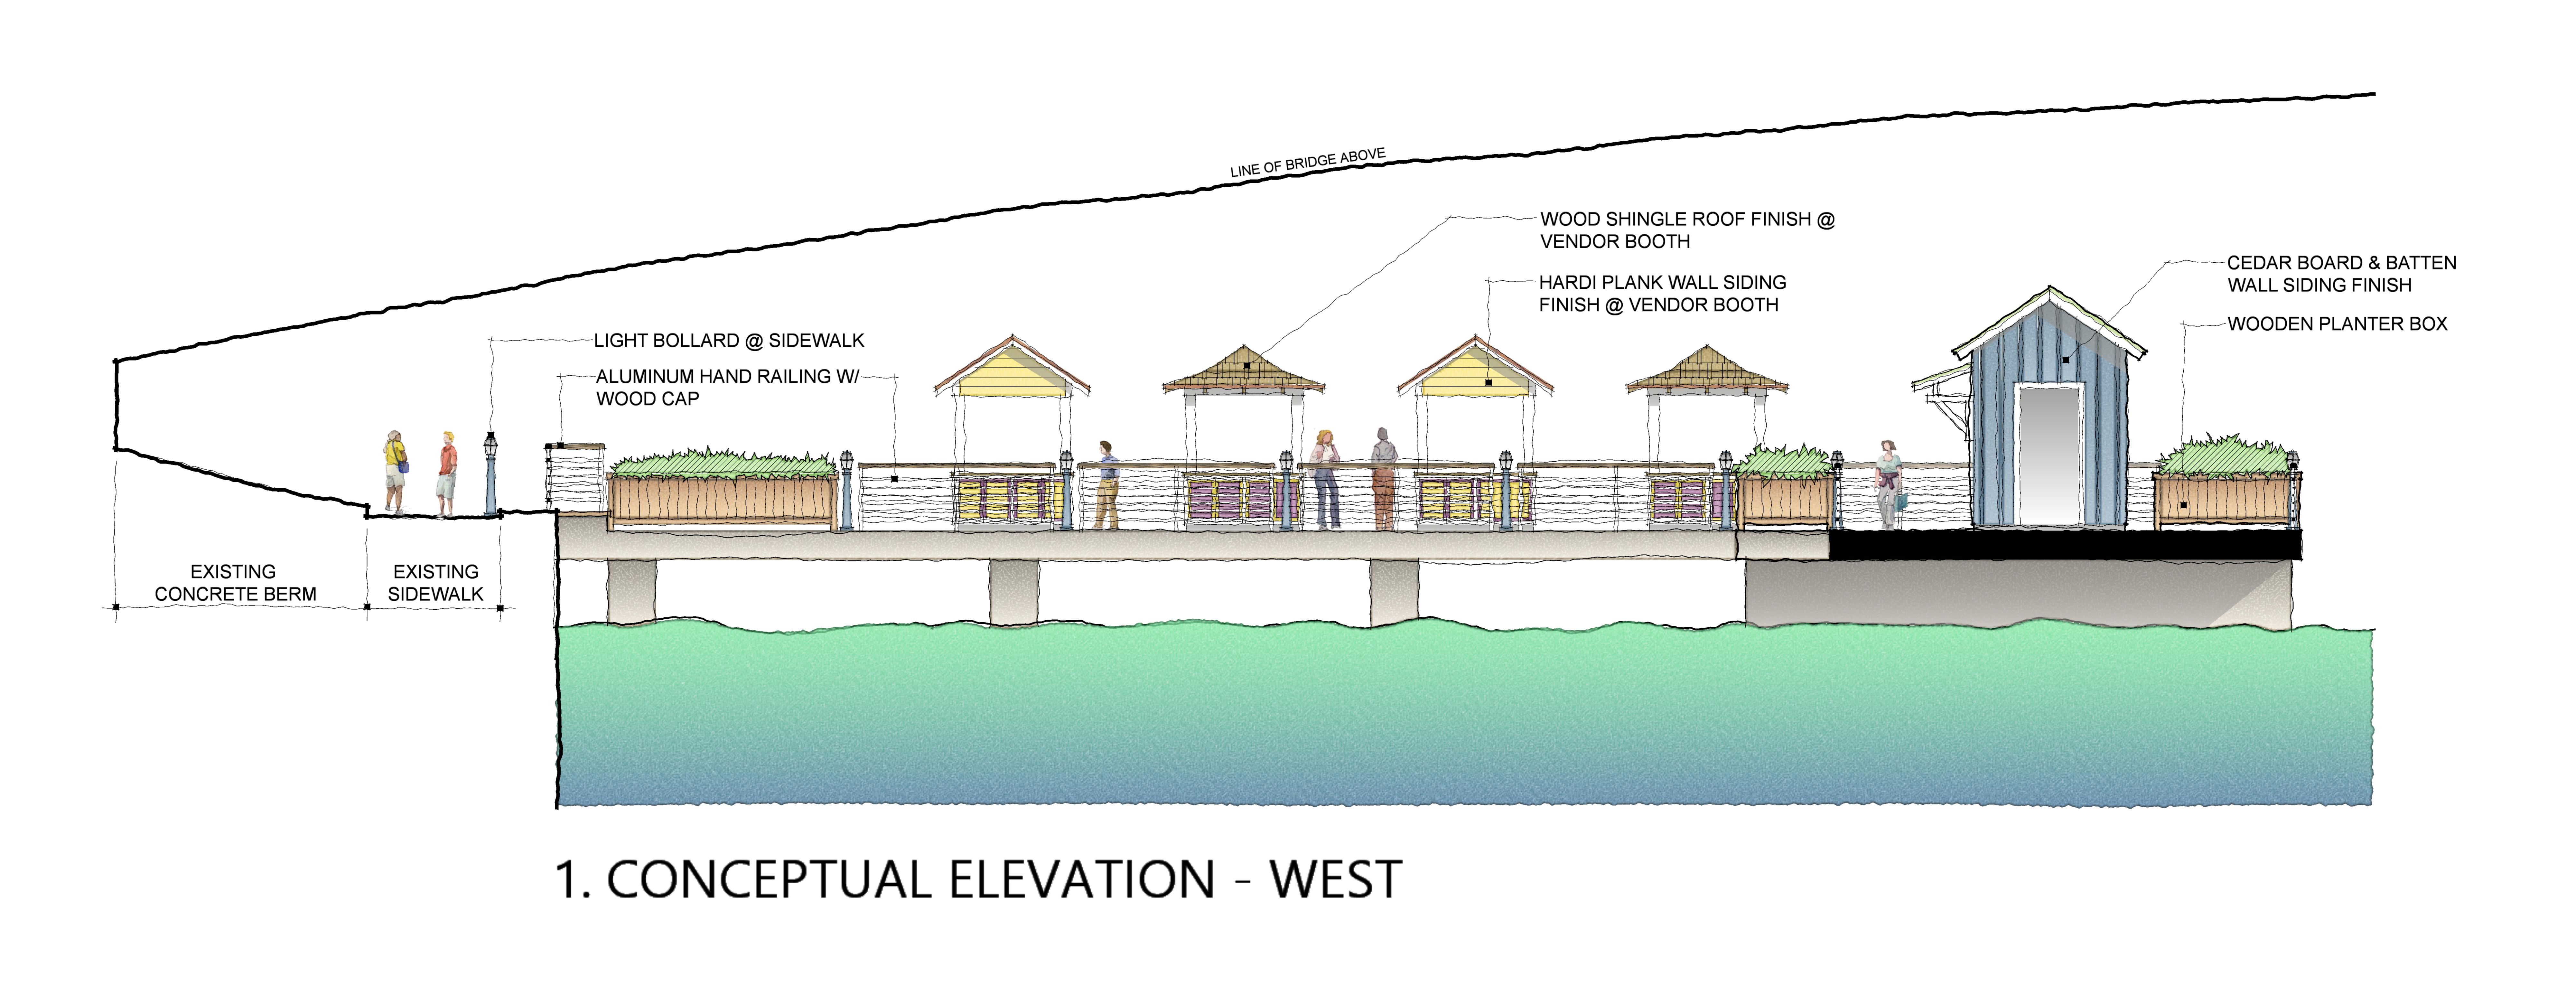 Conceptual Elevation - West